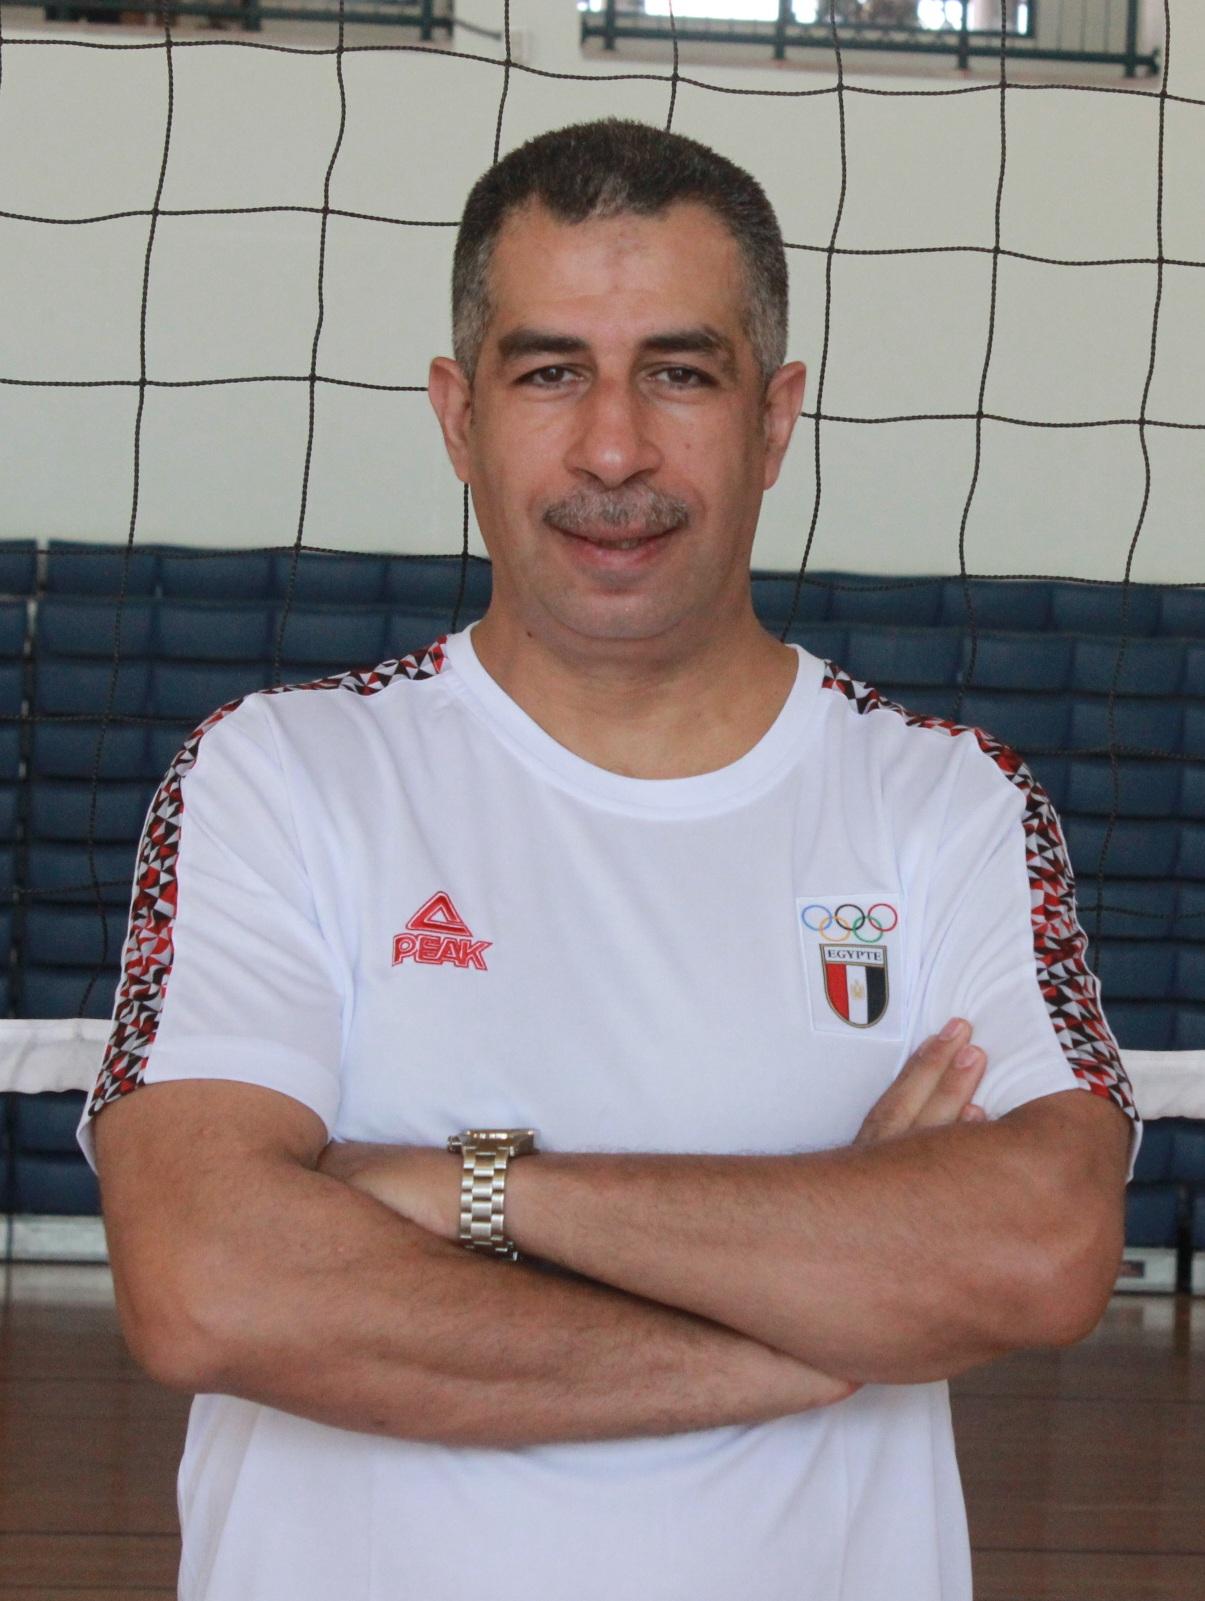 Sherif Elshemrely